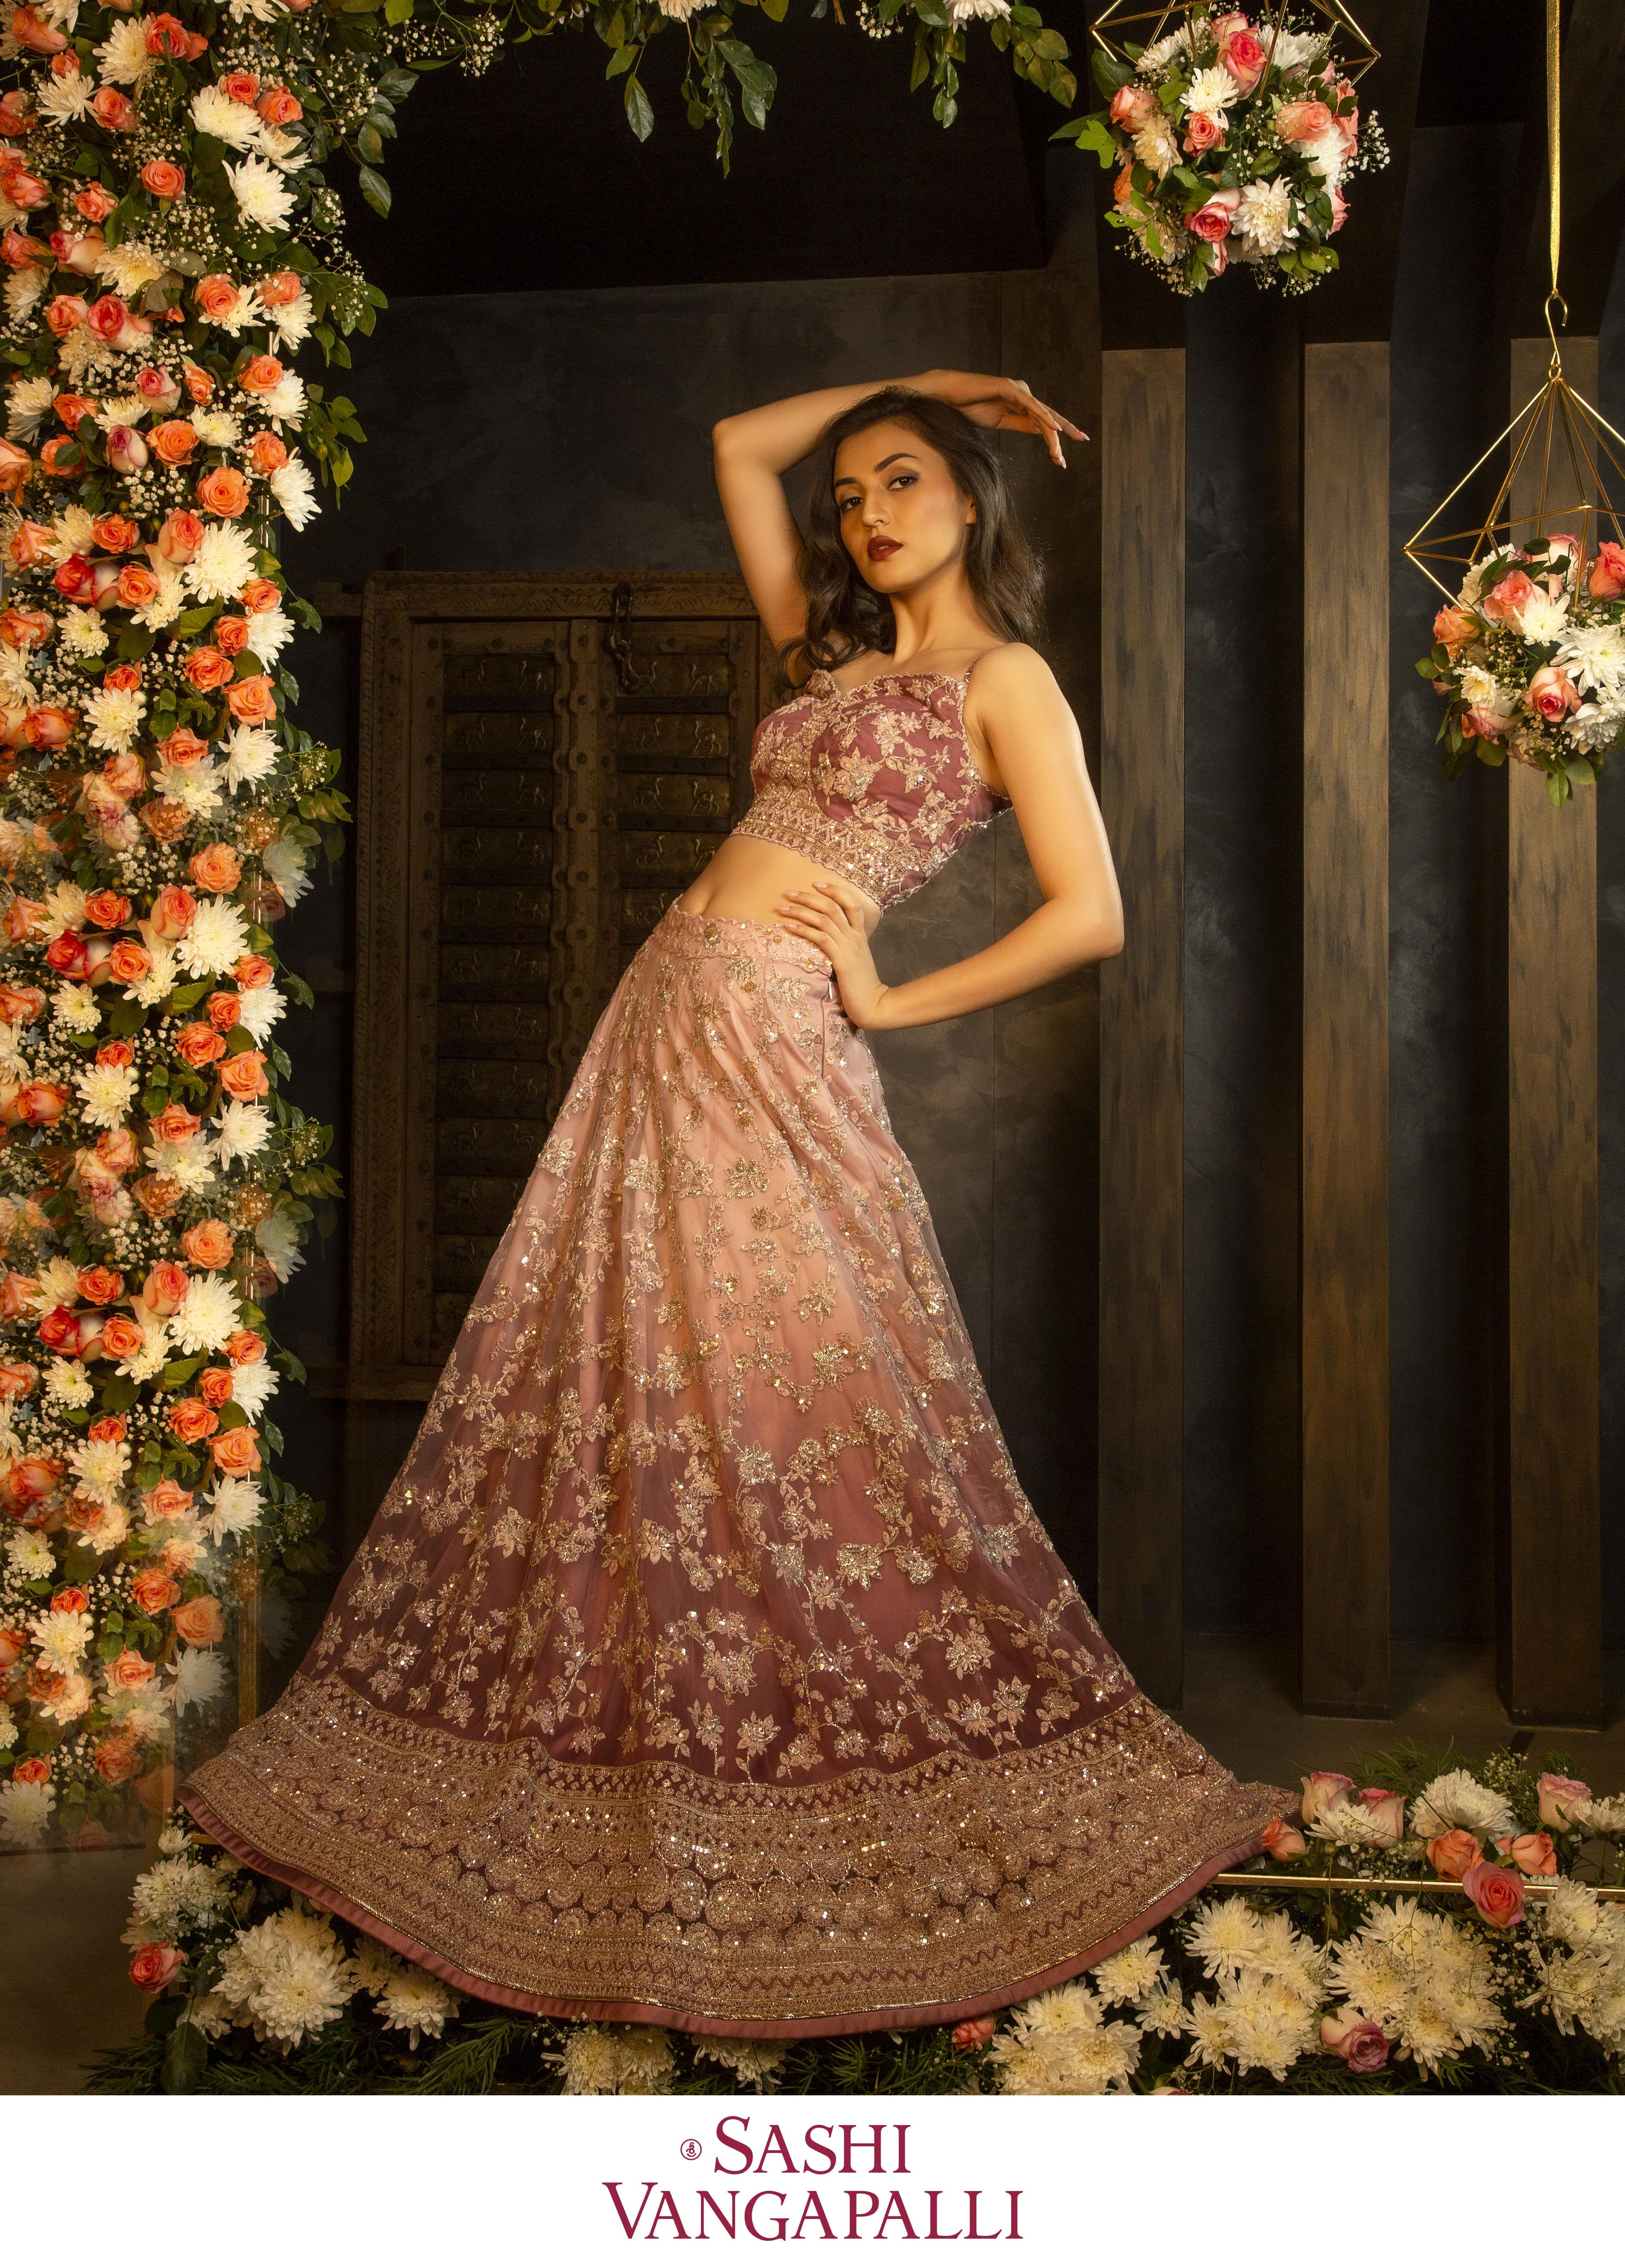 Sashi Vangapalli Bridal Lehenga In 2020 Reception Gown Bridal Lehenga Indian Outfits